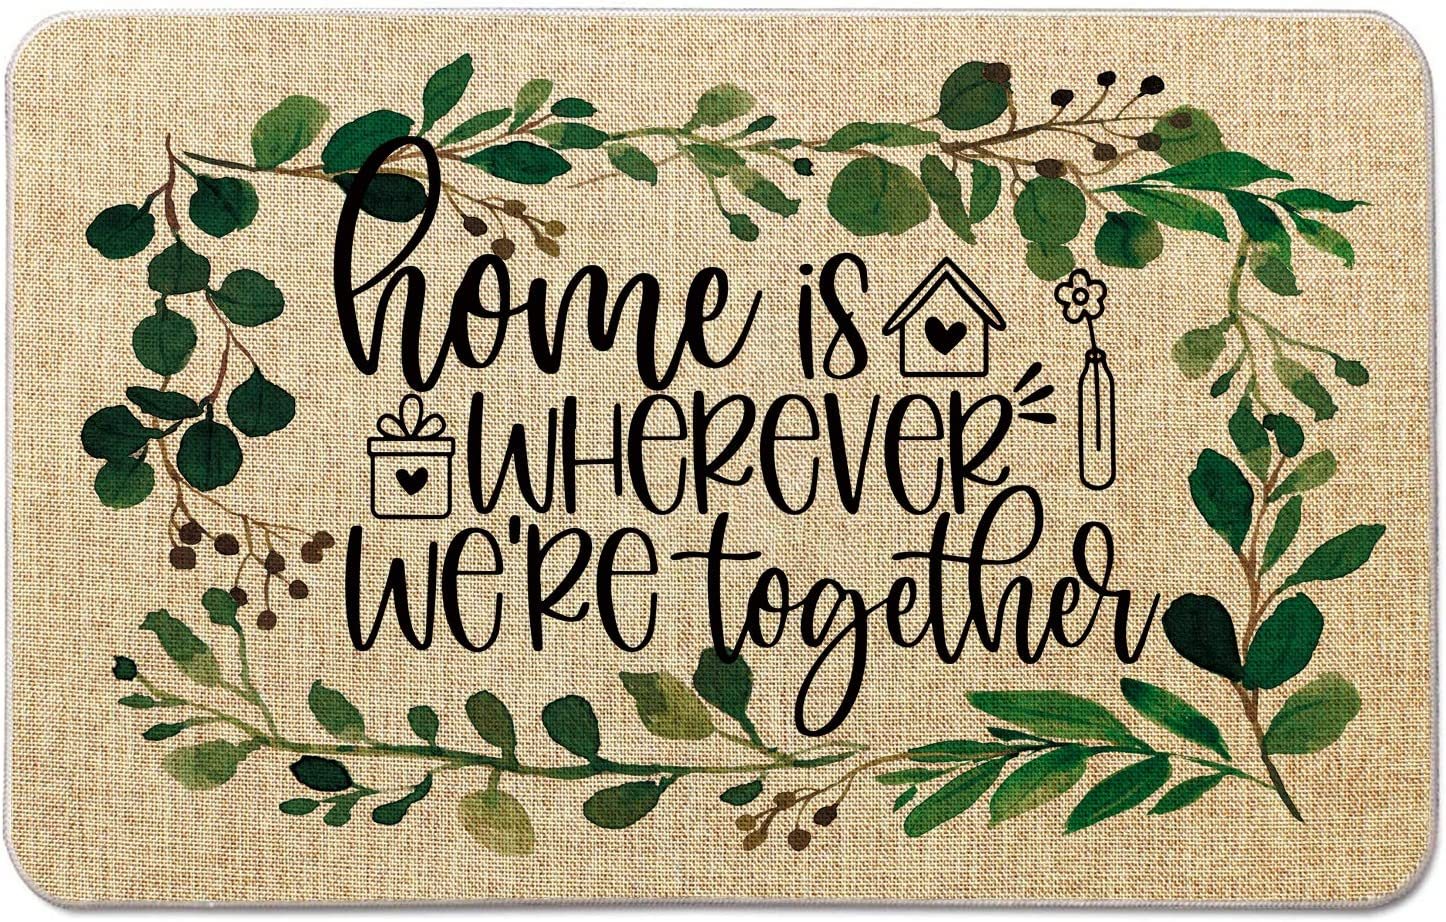 Occdesign Housewarming Welcome Mat for Front Door Farmhouse Rustic Decorative Entryway Outdoor Floor Doormat Durable Burlap Outdoor Rug | Home is Wherever We're Toghter